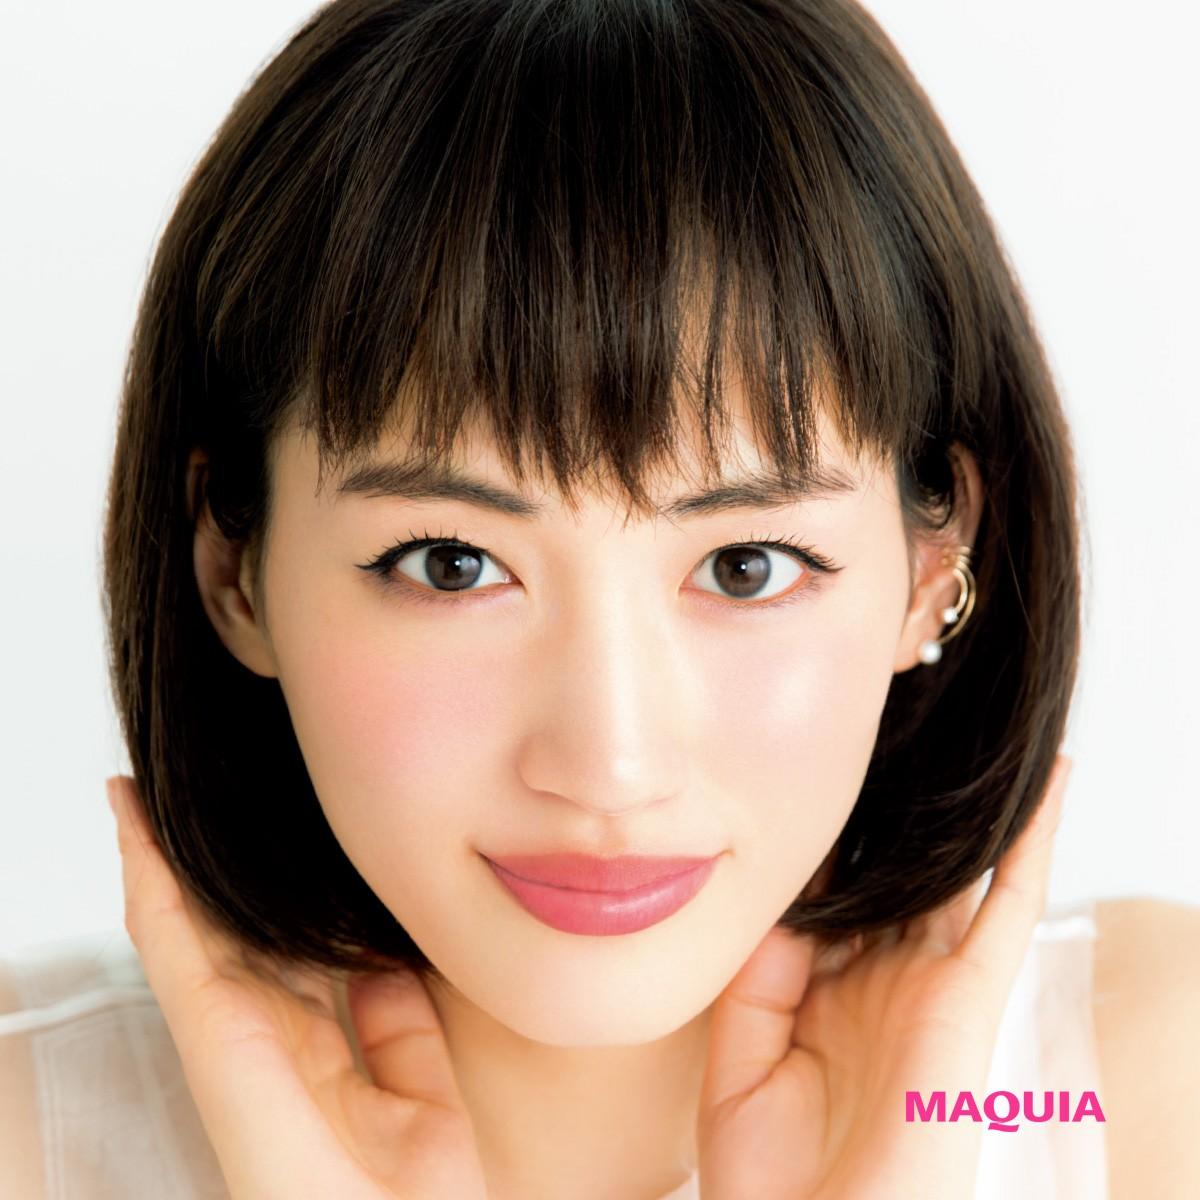 綾瀬はるかさんがボブスタイルで登場! マキア最新号の表紙に注目